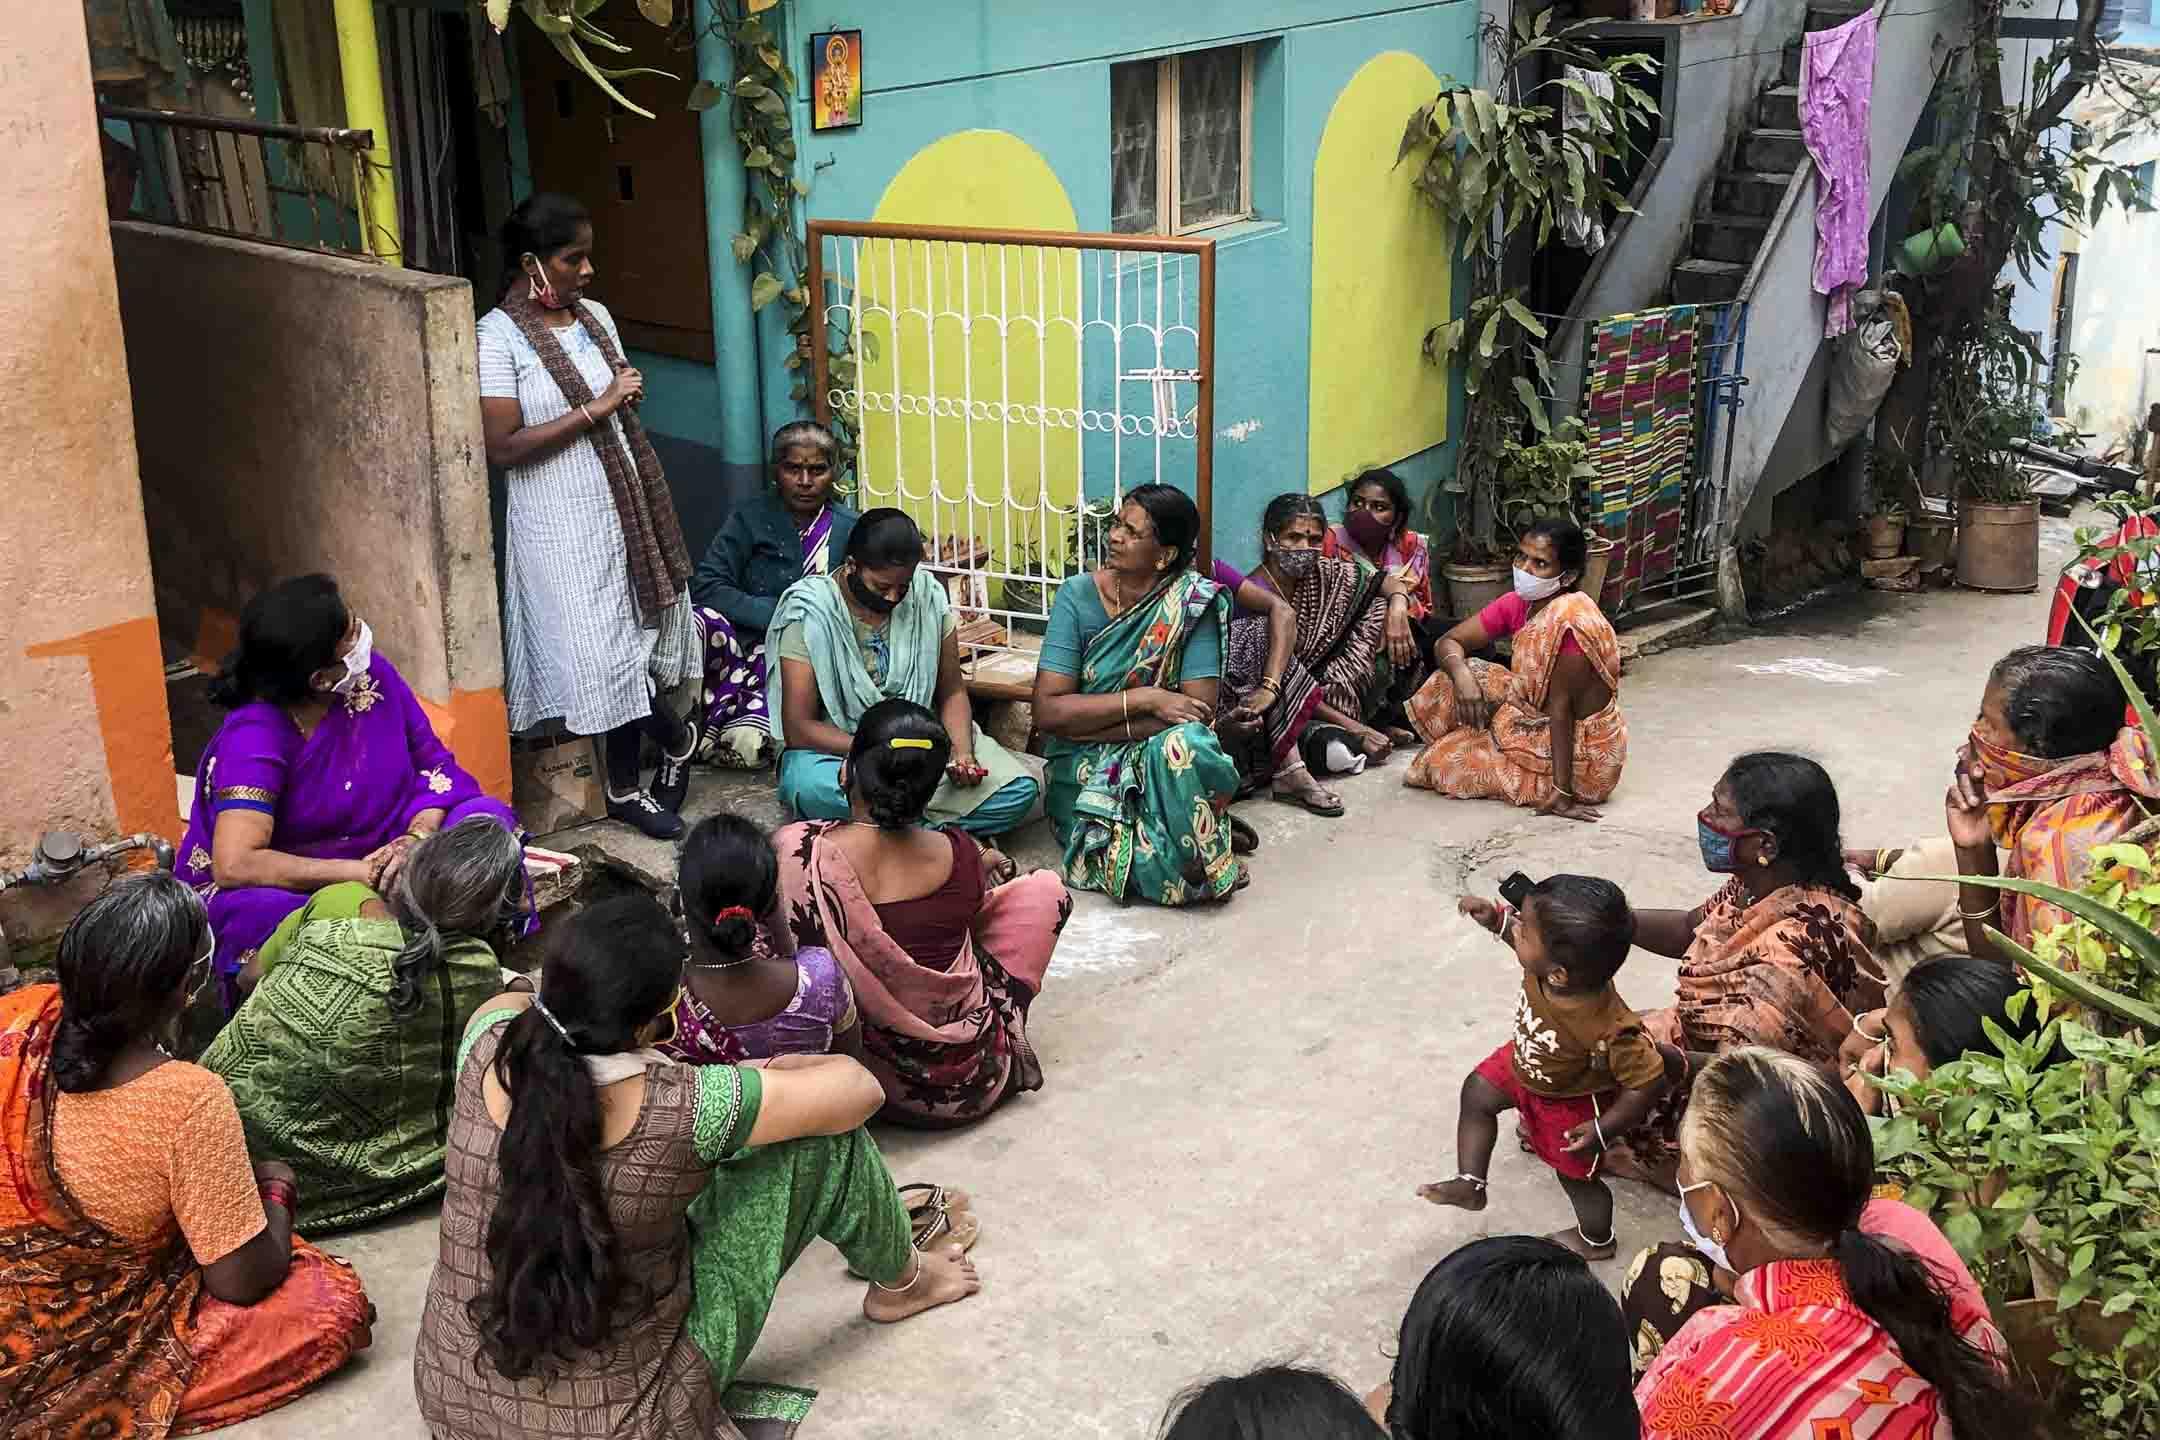 SJS的社工拉達(Radha)在和貧民窟的女工開會。 攝影:羅瑞垚